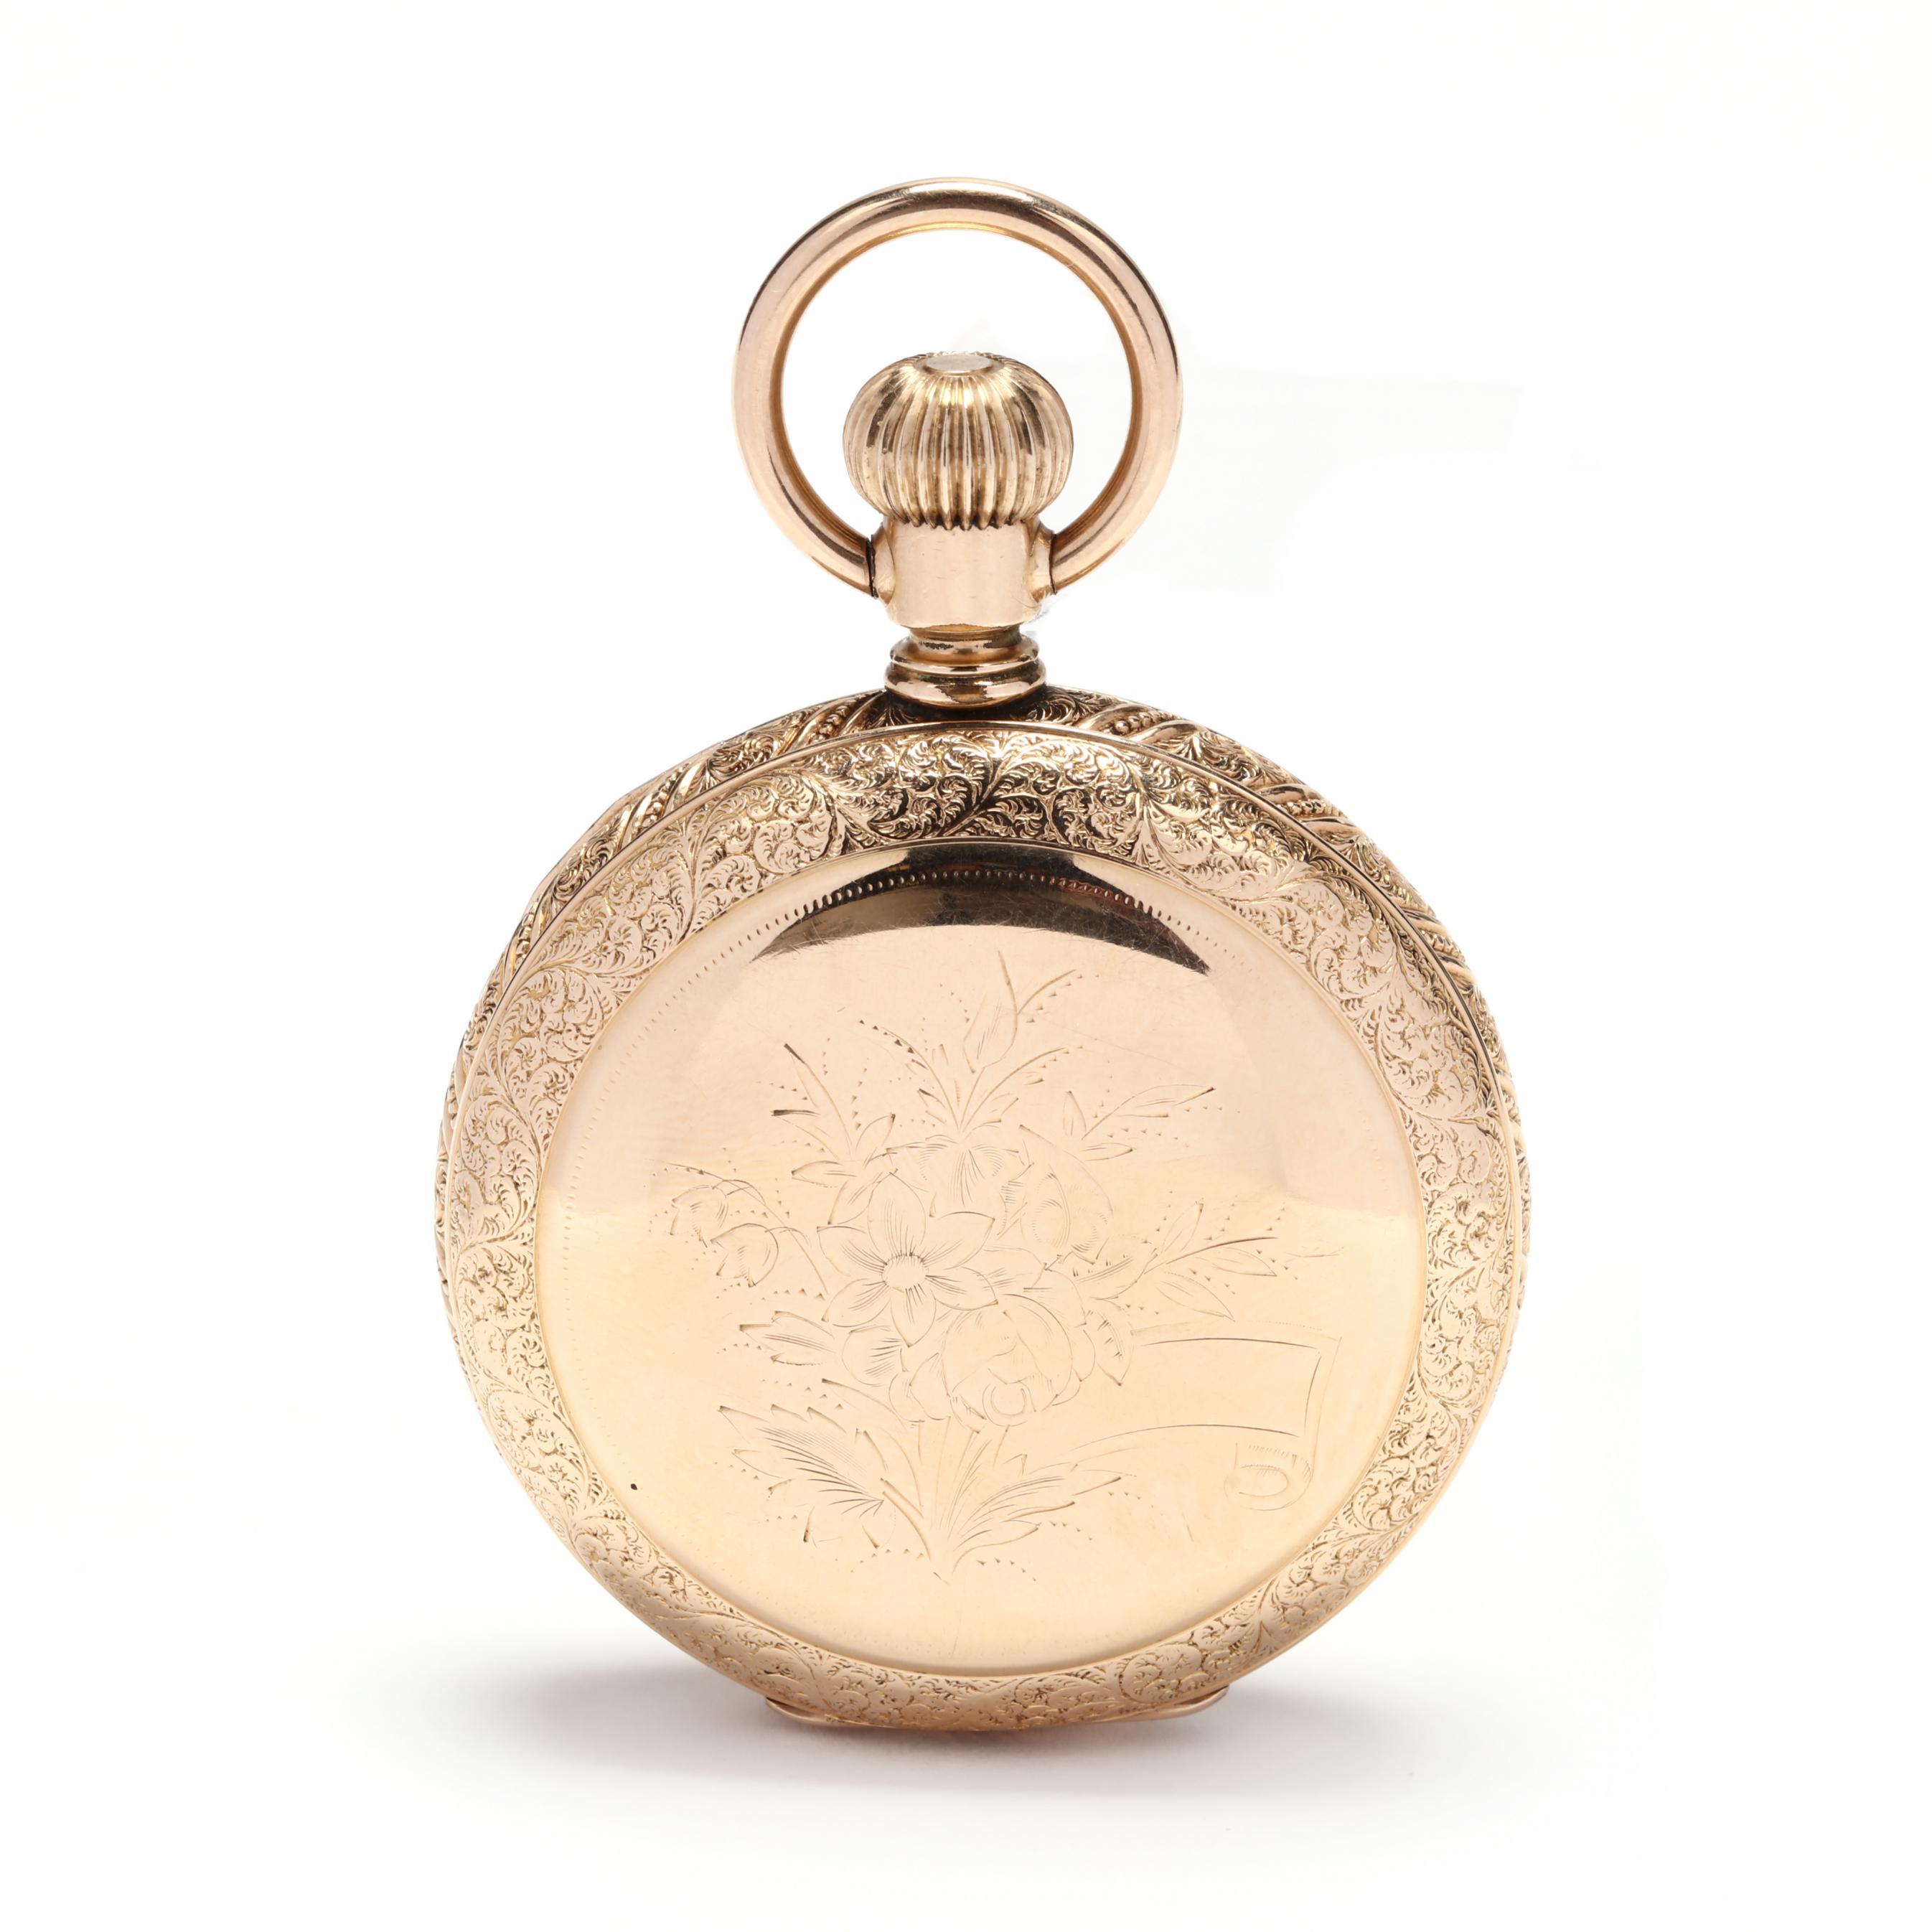 antique-gold-filled-hunter-case-pocket-watch-elgin